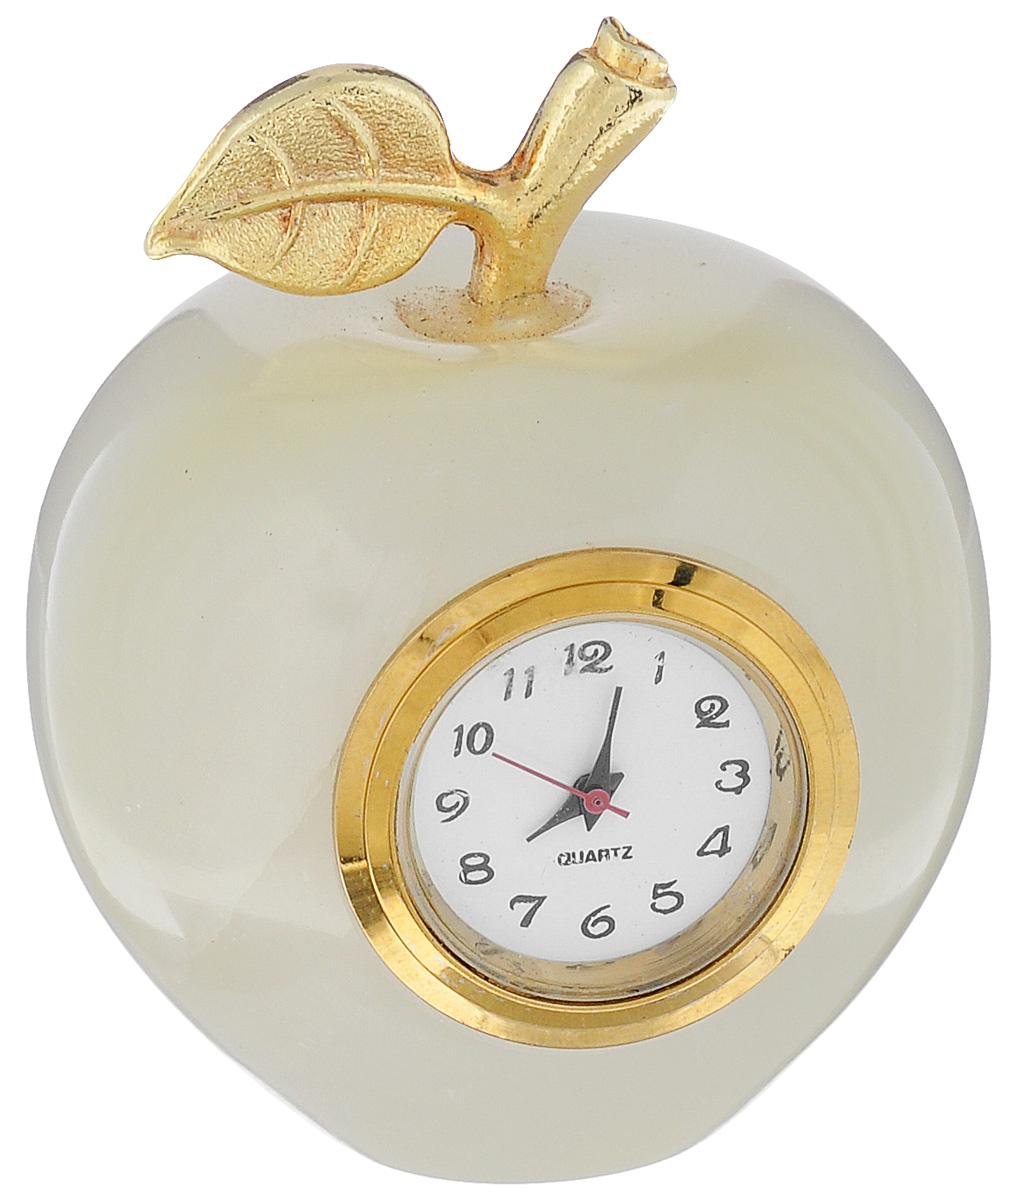 Часы Sima-land Яблоко. 241333241333Часы Sima-land Яблоко прекрасно дополнят интерьер вашей комнаты. Корпусвыполнен из натурального оникса. Циферблат круглой формы, оформленный арабскимицифрами, защищен стеклом. Благодаря устойчивой поверхности часы можнопоставить в любое удобное для вас место.Часы работают от батарейки (входит в комплект). Диаметр циферблата: 2 см.УВАЖАЕМЫЕ КЛИЕНТЫ!Обращаем ваше внимание на тот факт, чтоцветовой оттенок товара может отличатся от представленного на изображении, посколькукорпус часов выполнен из натурального камня. Учитывайте это при оформлении заказа.